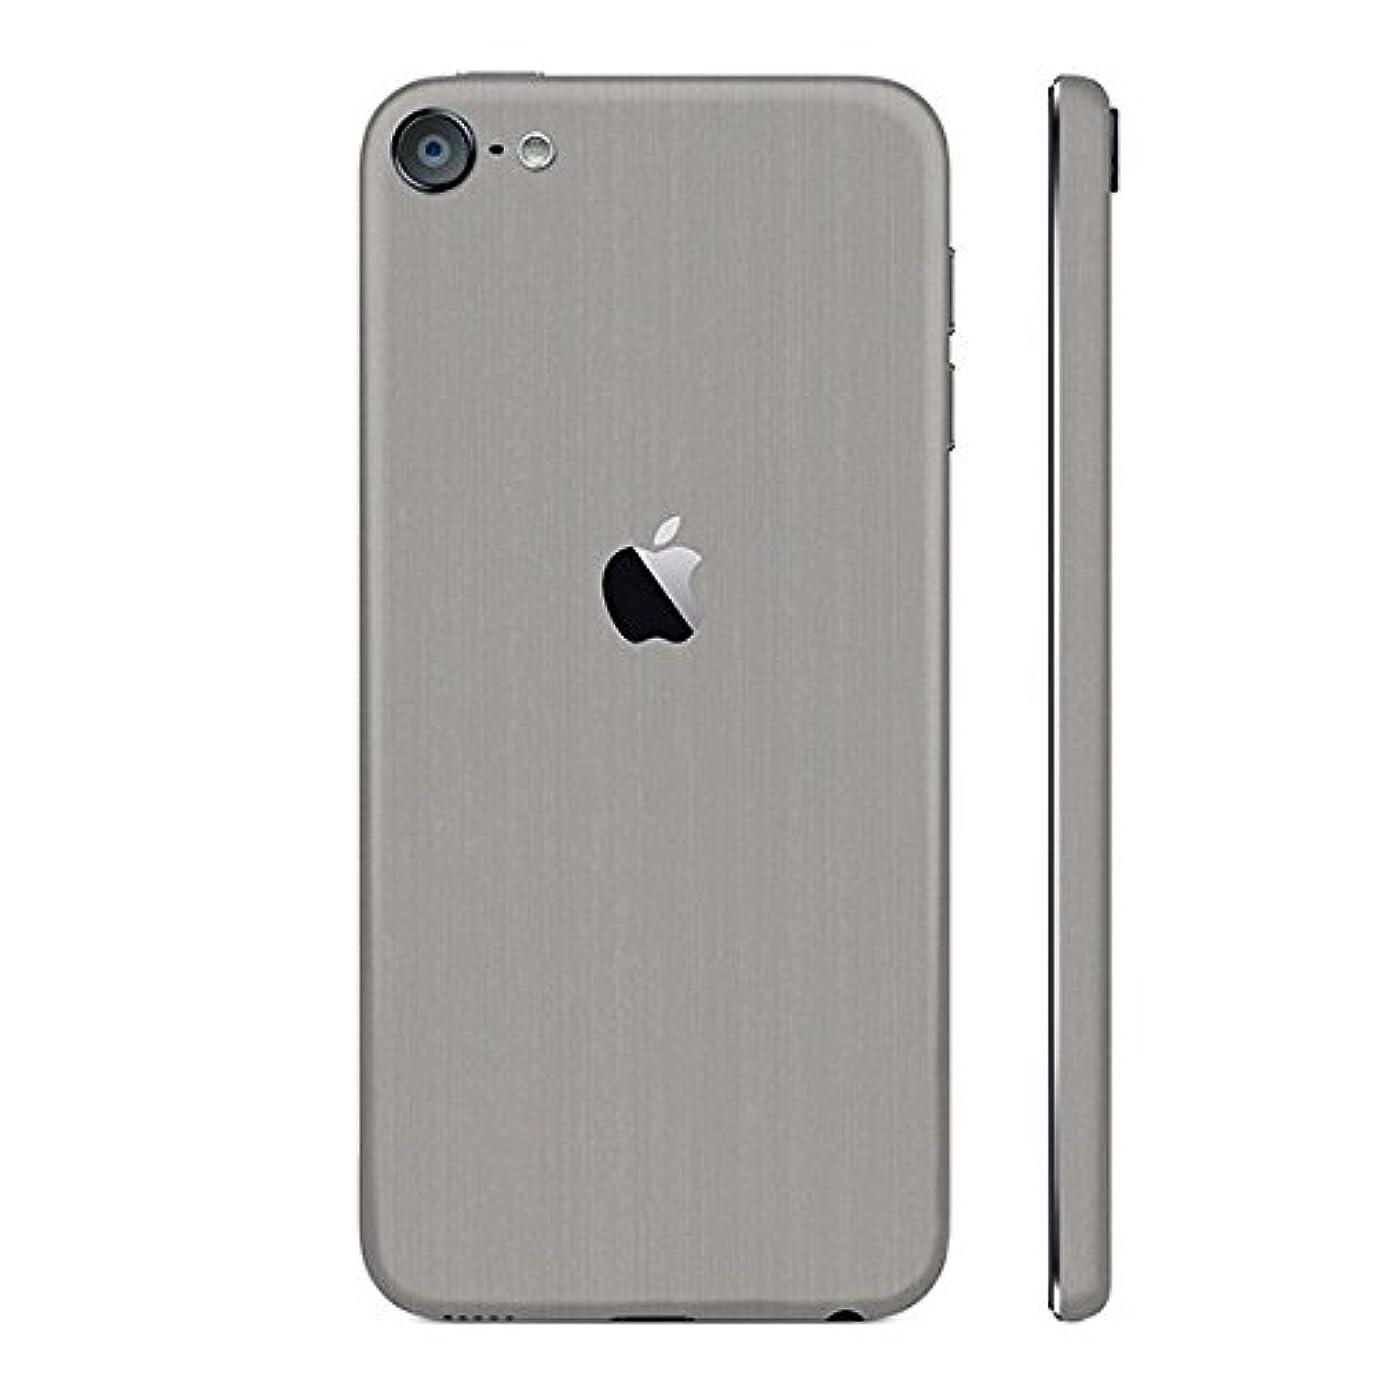 キャベツトリッキー寝室iPod touch 第6世代 メタル調プレミアムスキンシール【ブラッシュドスチール】